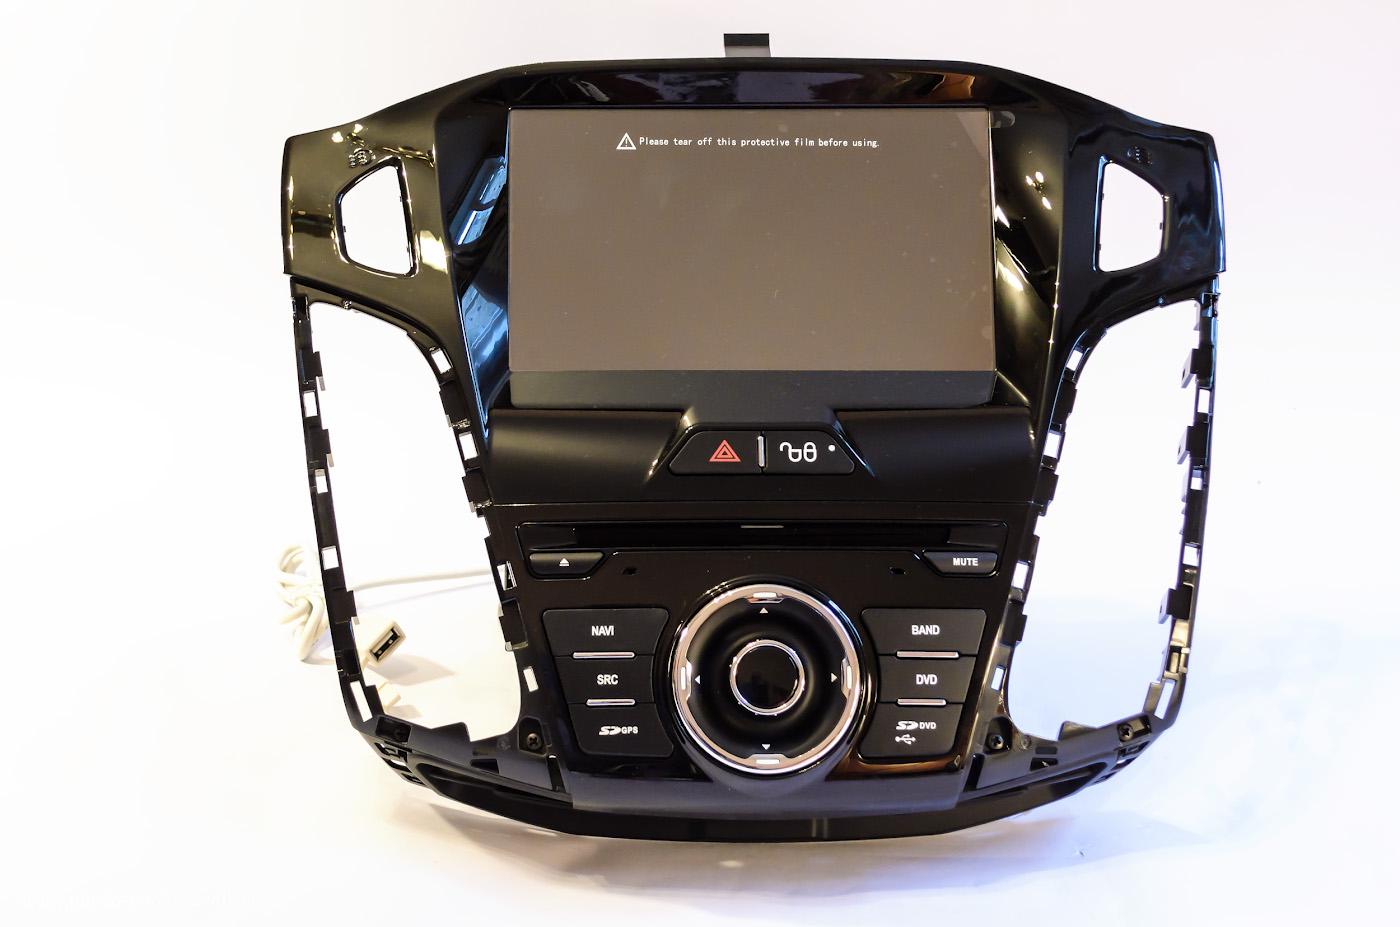 Фото 4. Съемка товаров для интернет-магазина на любительскую зеркалку Nikon D5100 KIT 18-55 VR. Исправили ошибки. 1/13, 4.5, 100, 30.